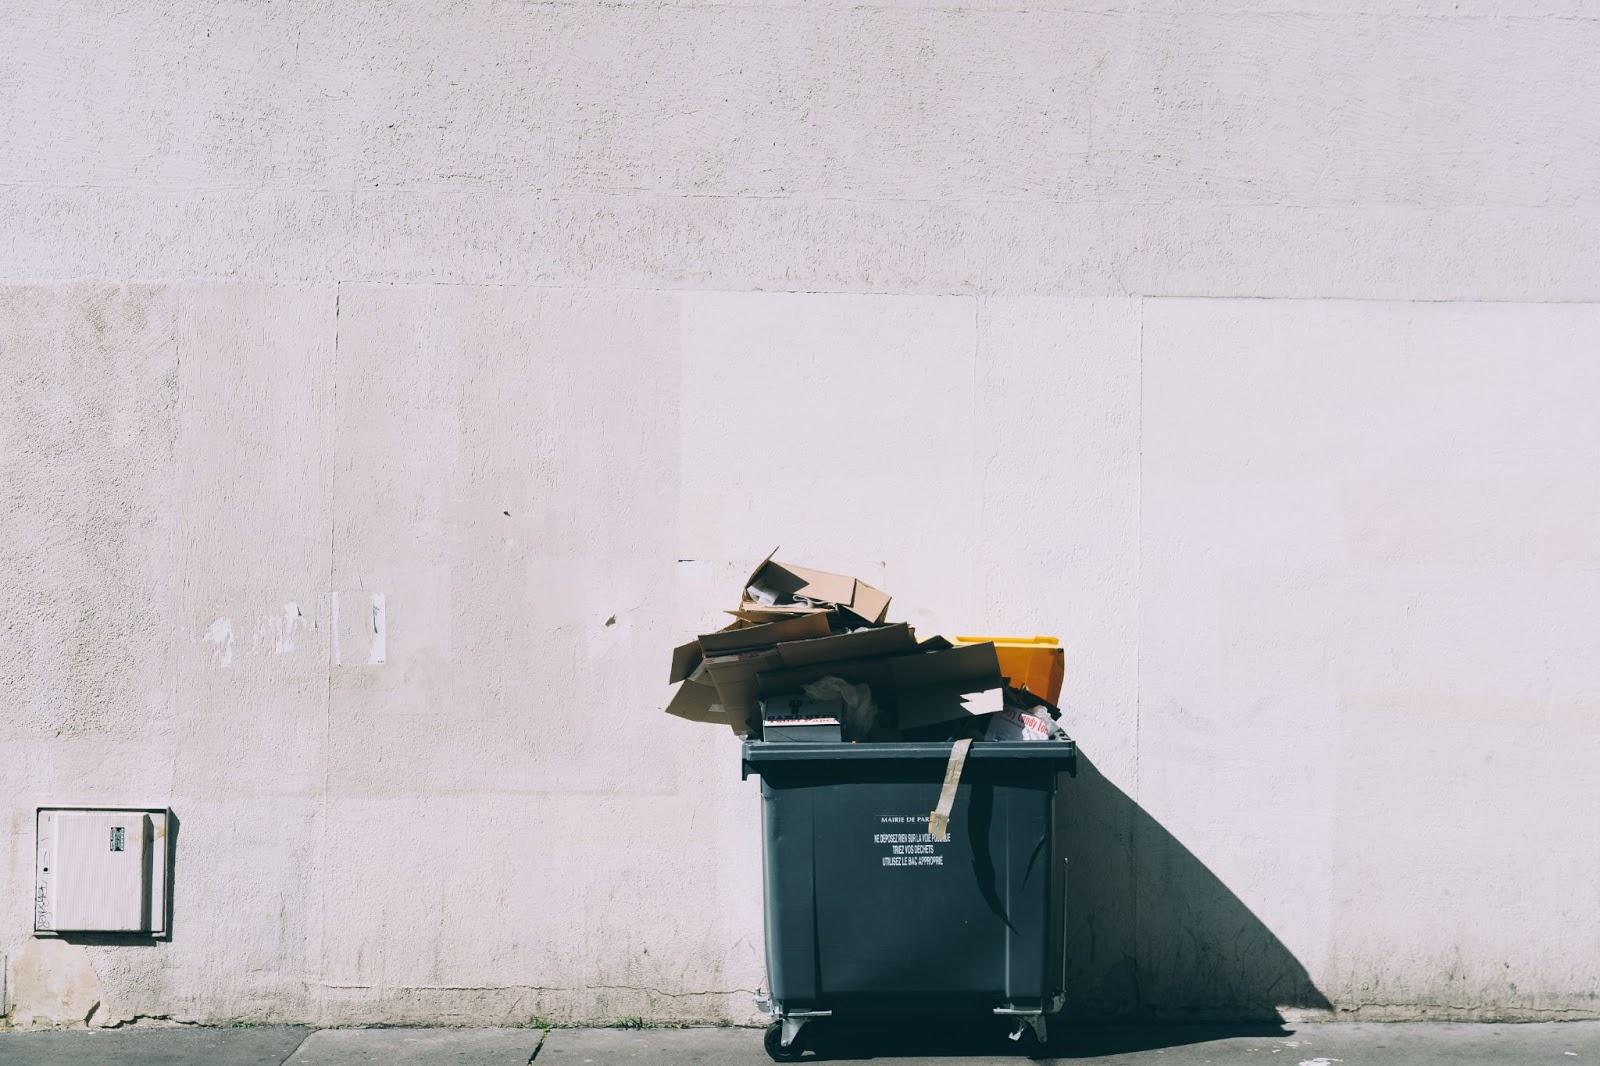 Poubelle débordant de cartons à recycler devant un mur blanc.